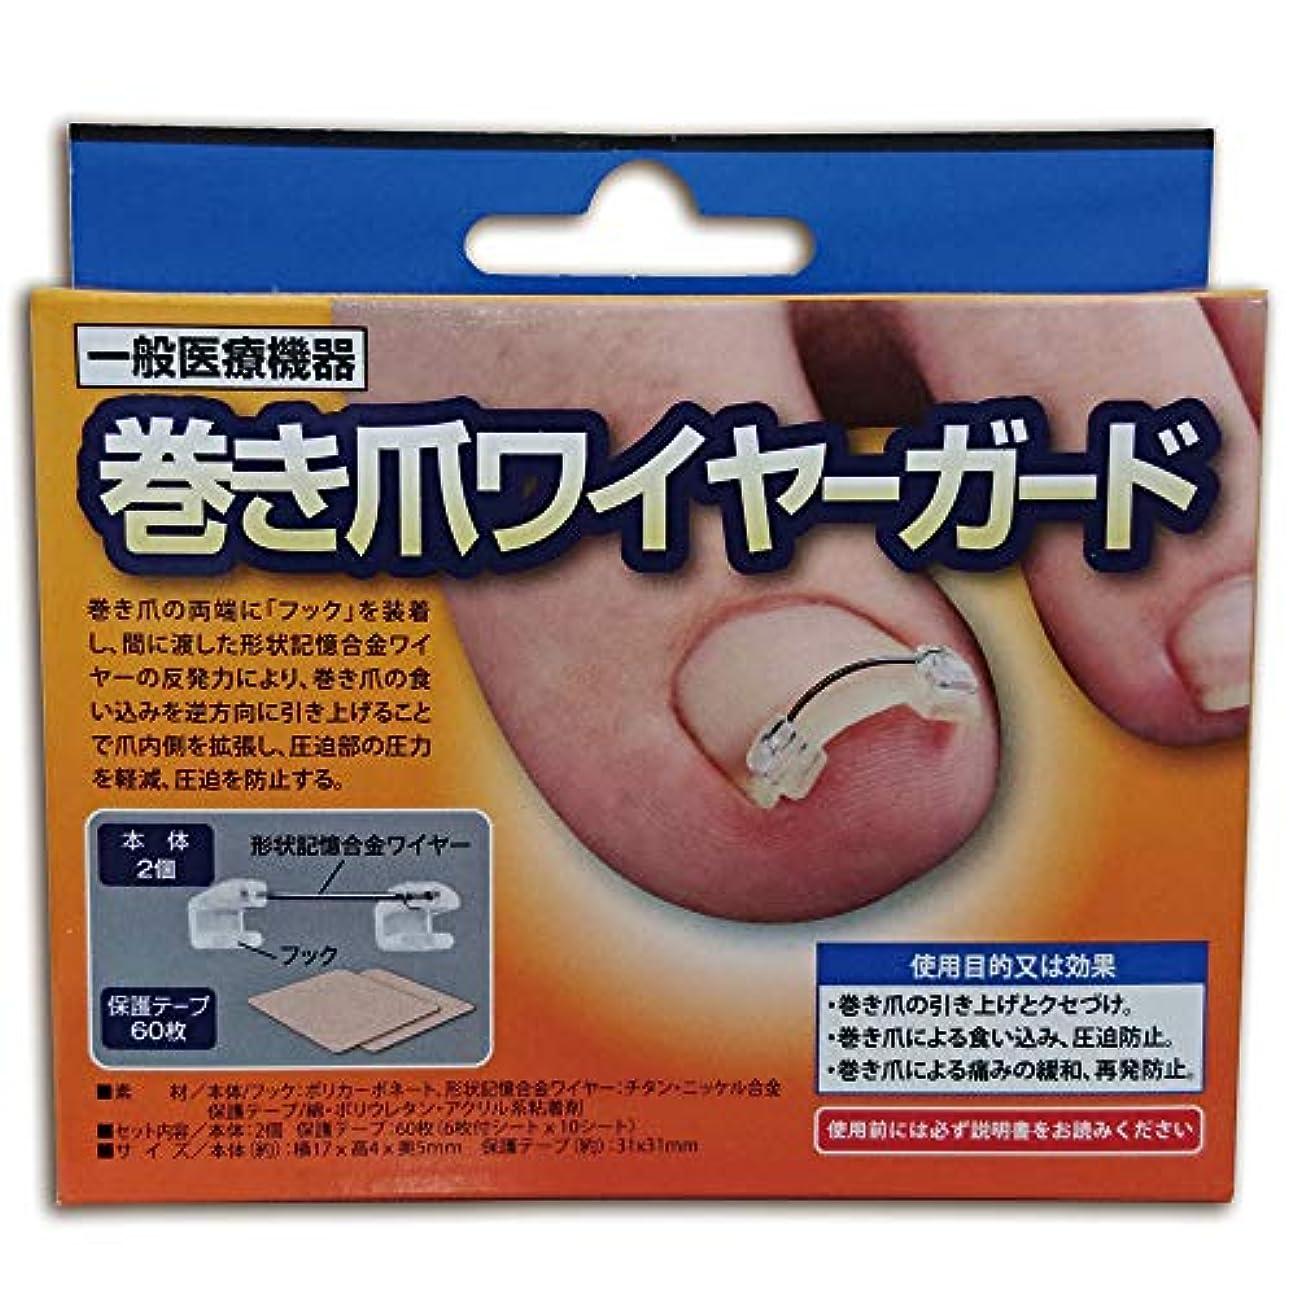 普通にフォロー元のサイプラス 一般医療機器 巻き爪ワイヤーガード